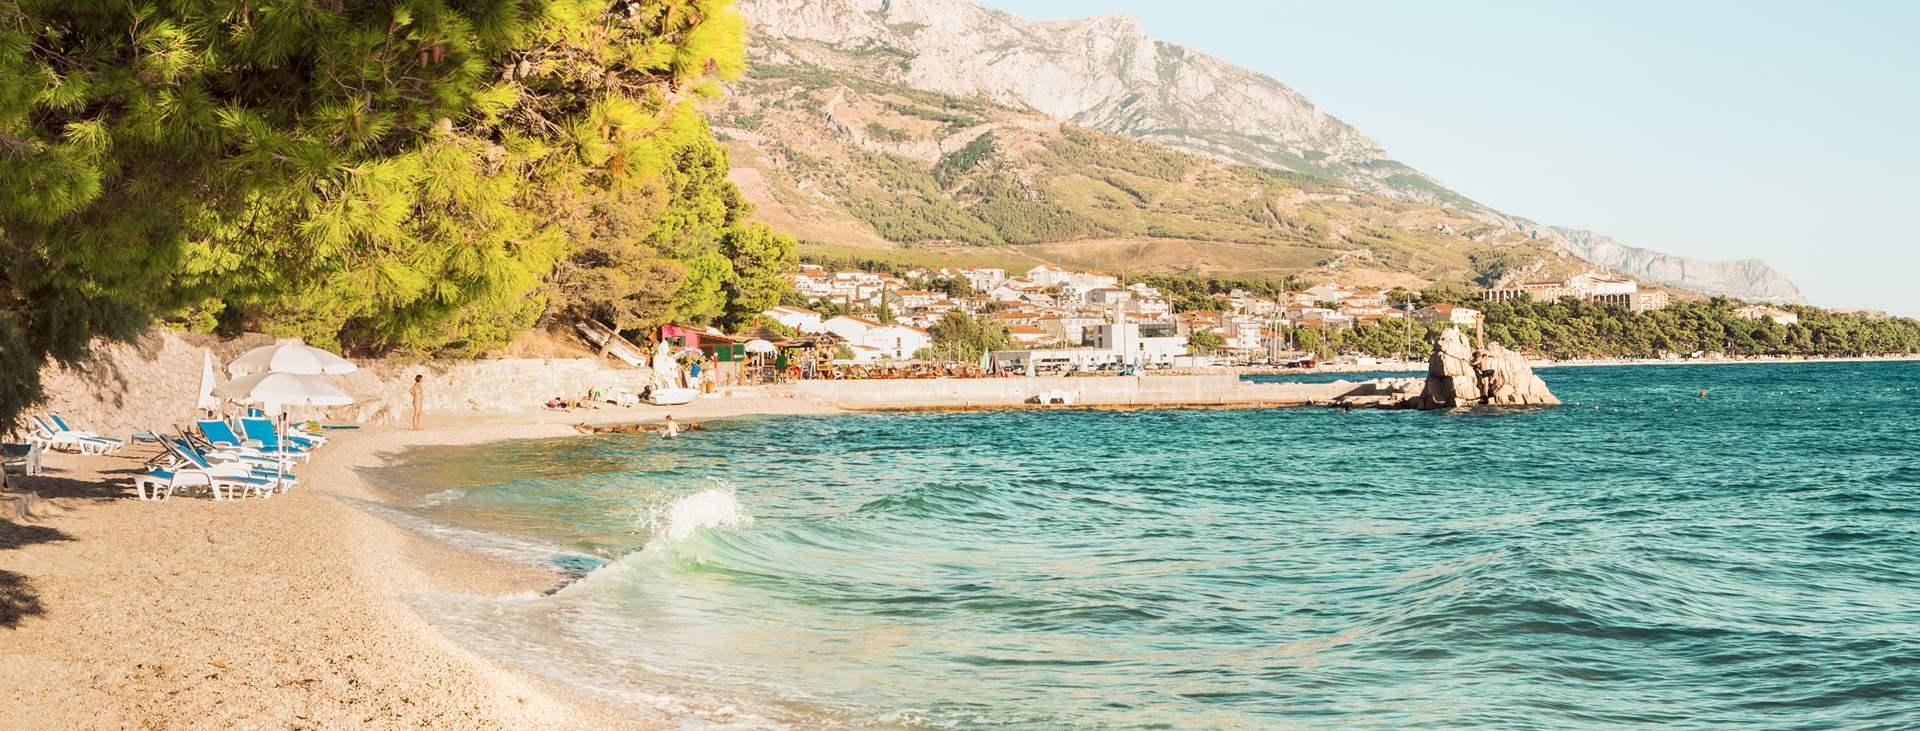 Bestill en reise til Brela på Makarska-rivieraen med Ving